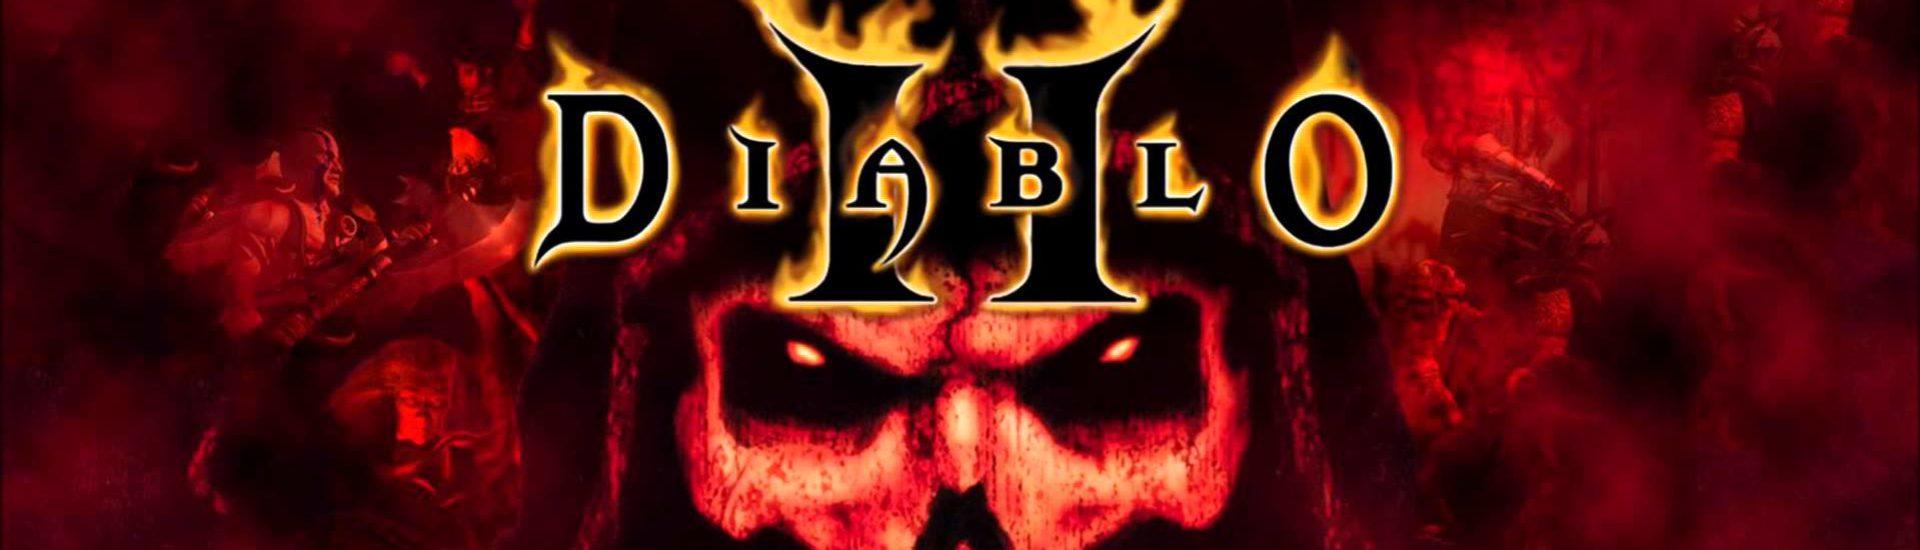 Bericht zu Diablo 2-Remake — bislang nicht bestätigt